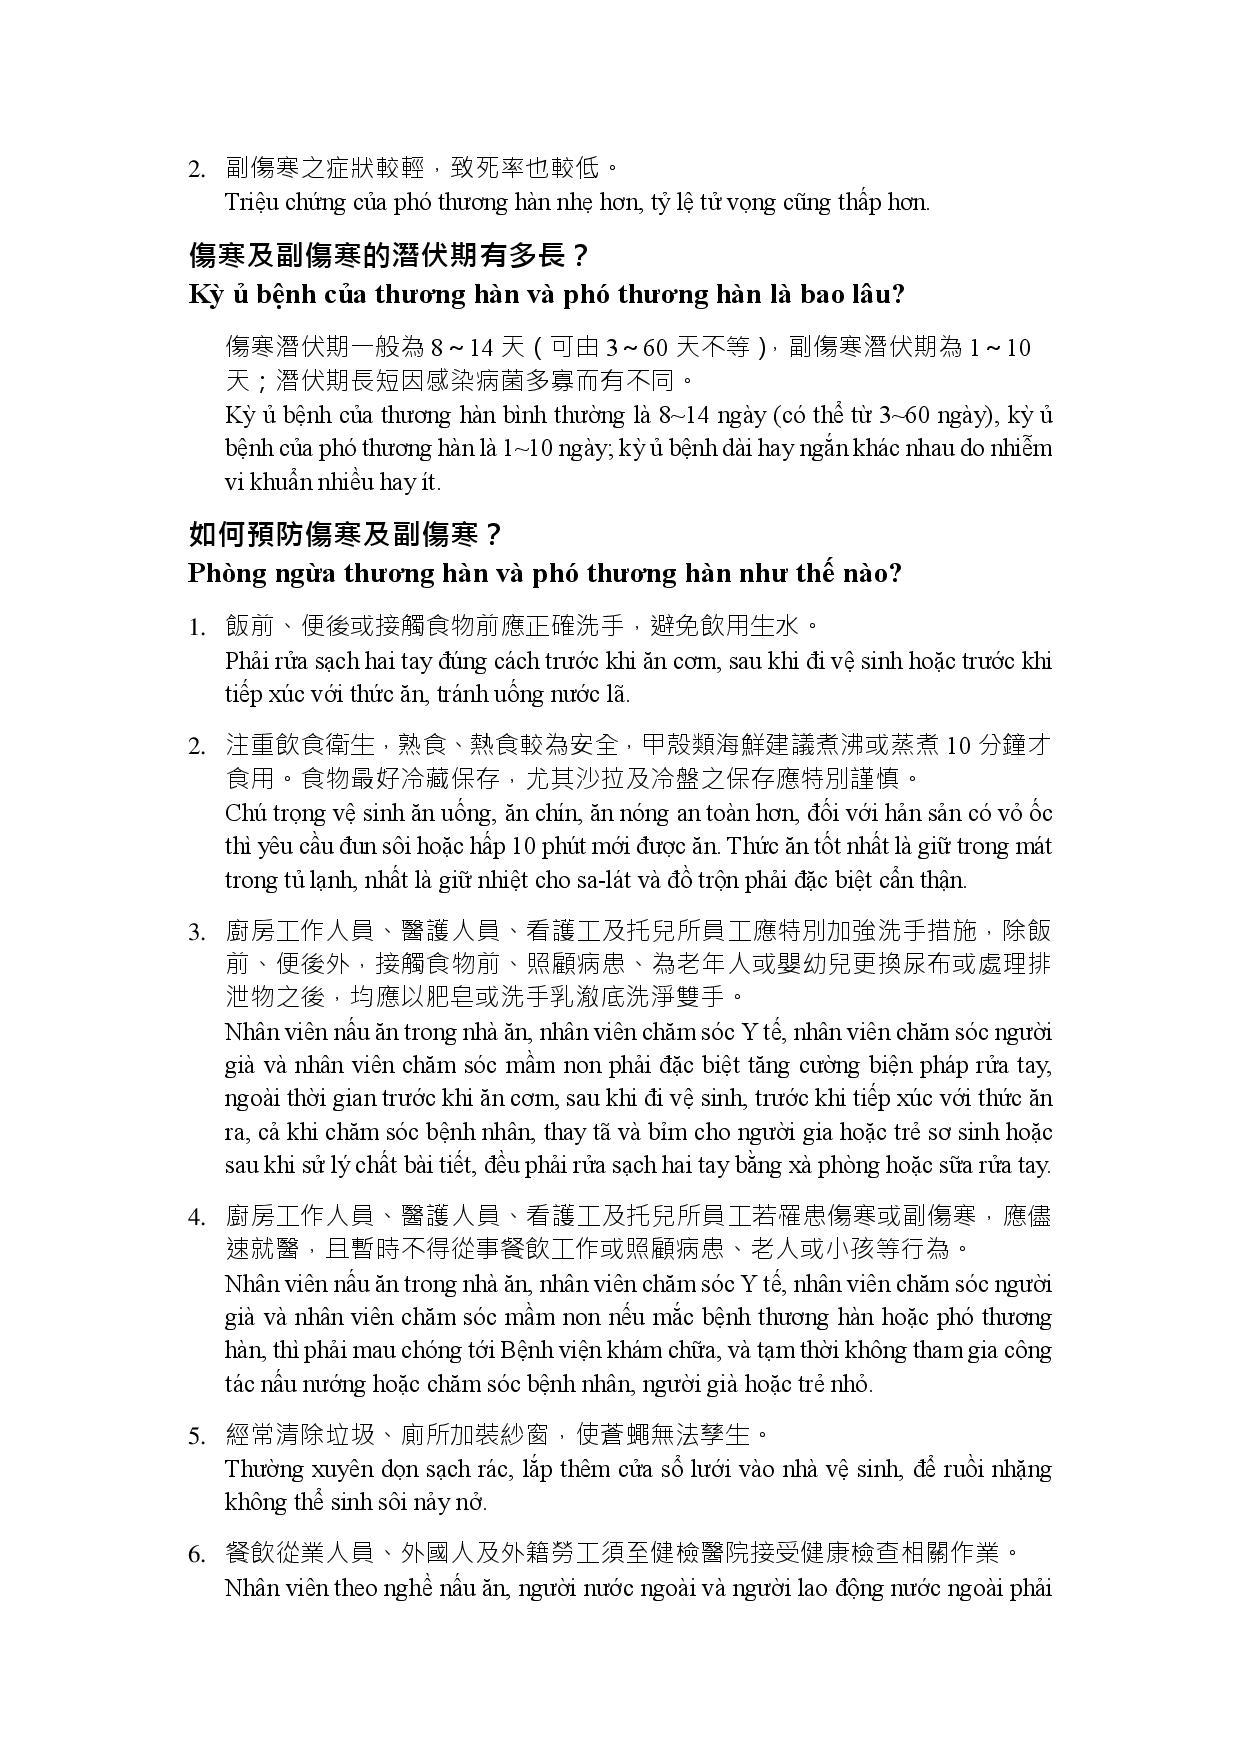 詳如附件【nhấp vào đây】Phòng ngừa thương hàn và phó thương hàn(Trang 2)預防傷寒及副傷寒(越文)